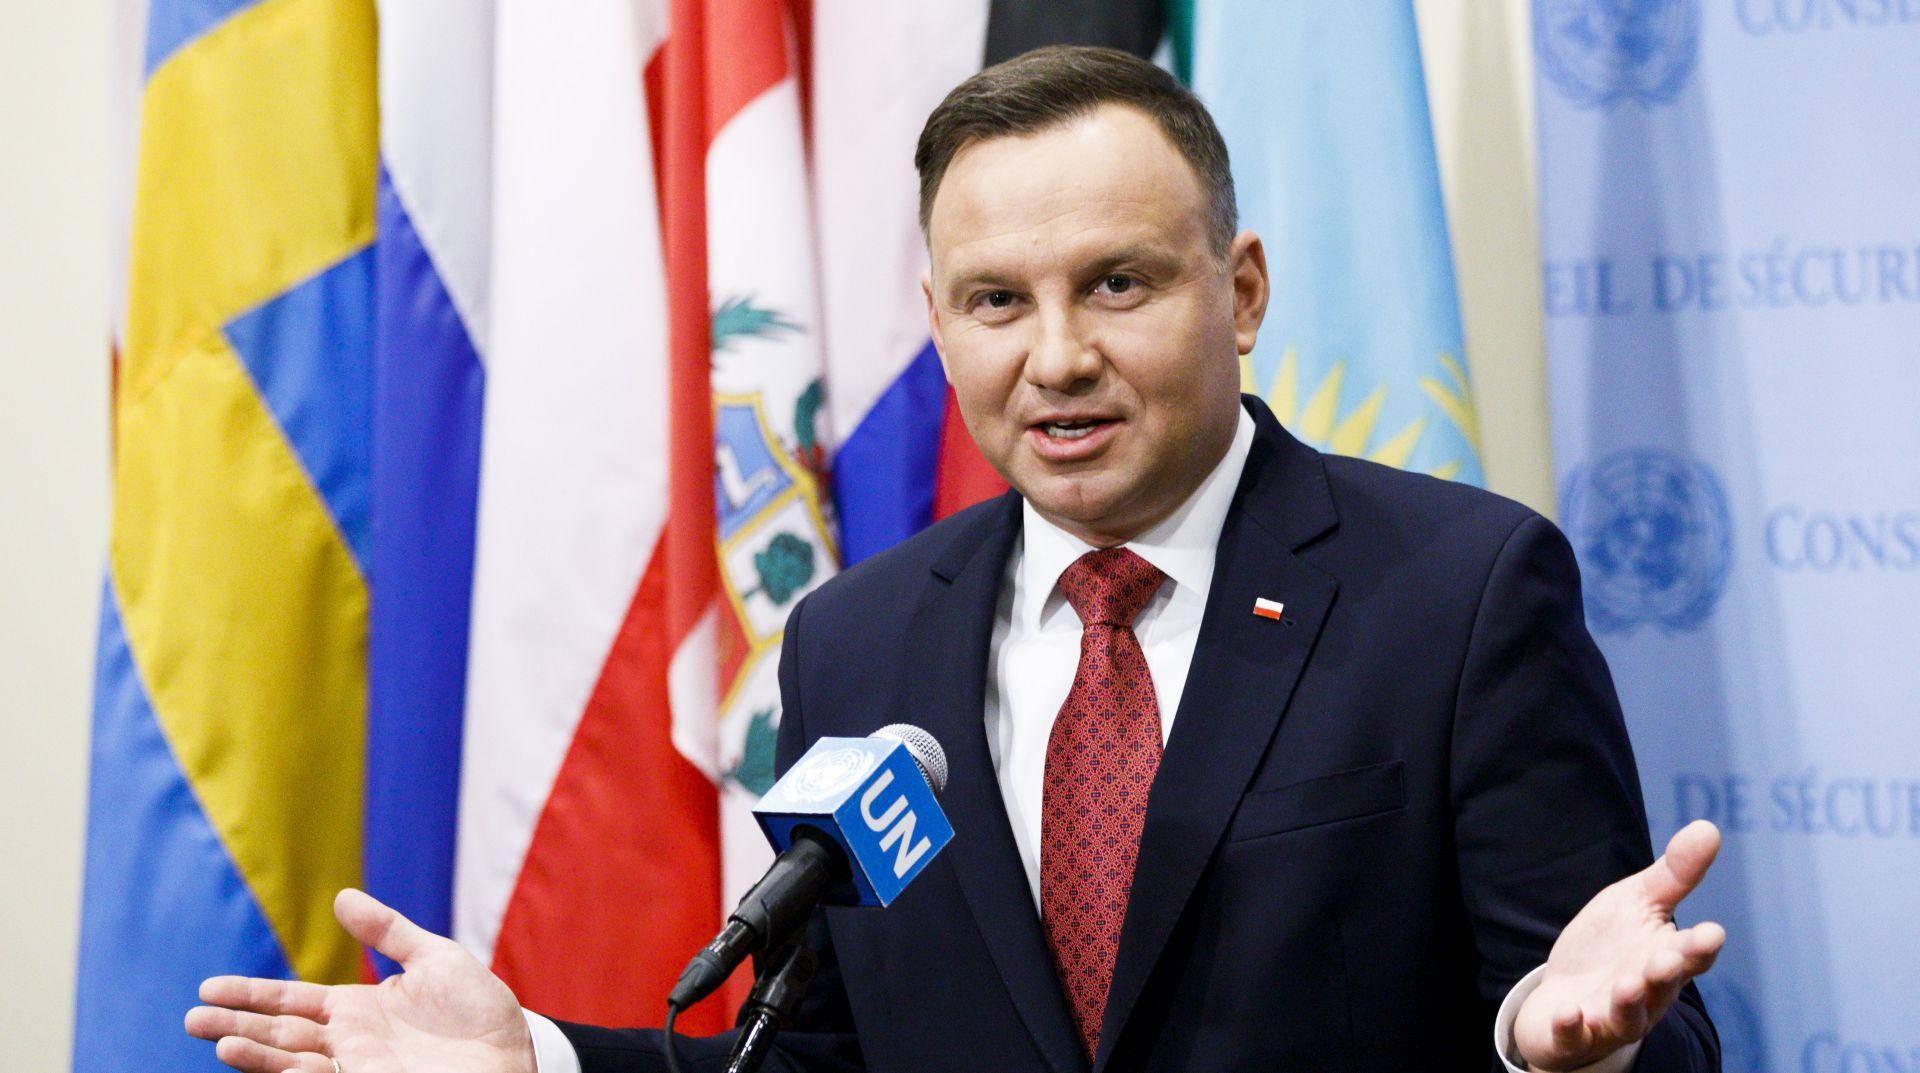 Uoči izbora poljski predsjednik obećao nezaposlenima velike naknade